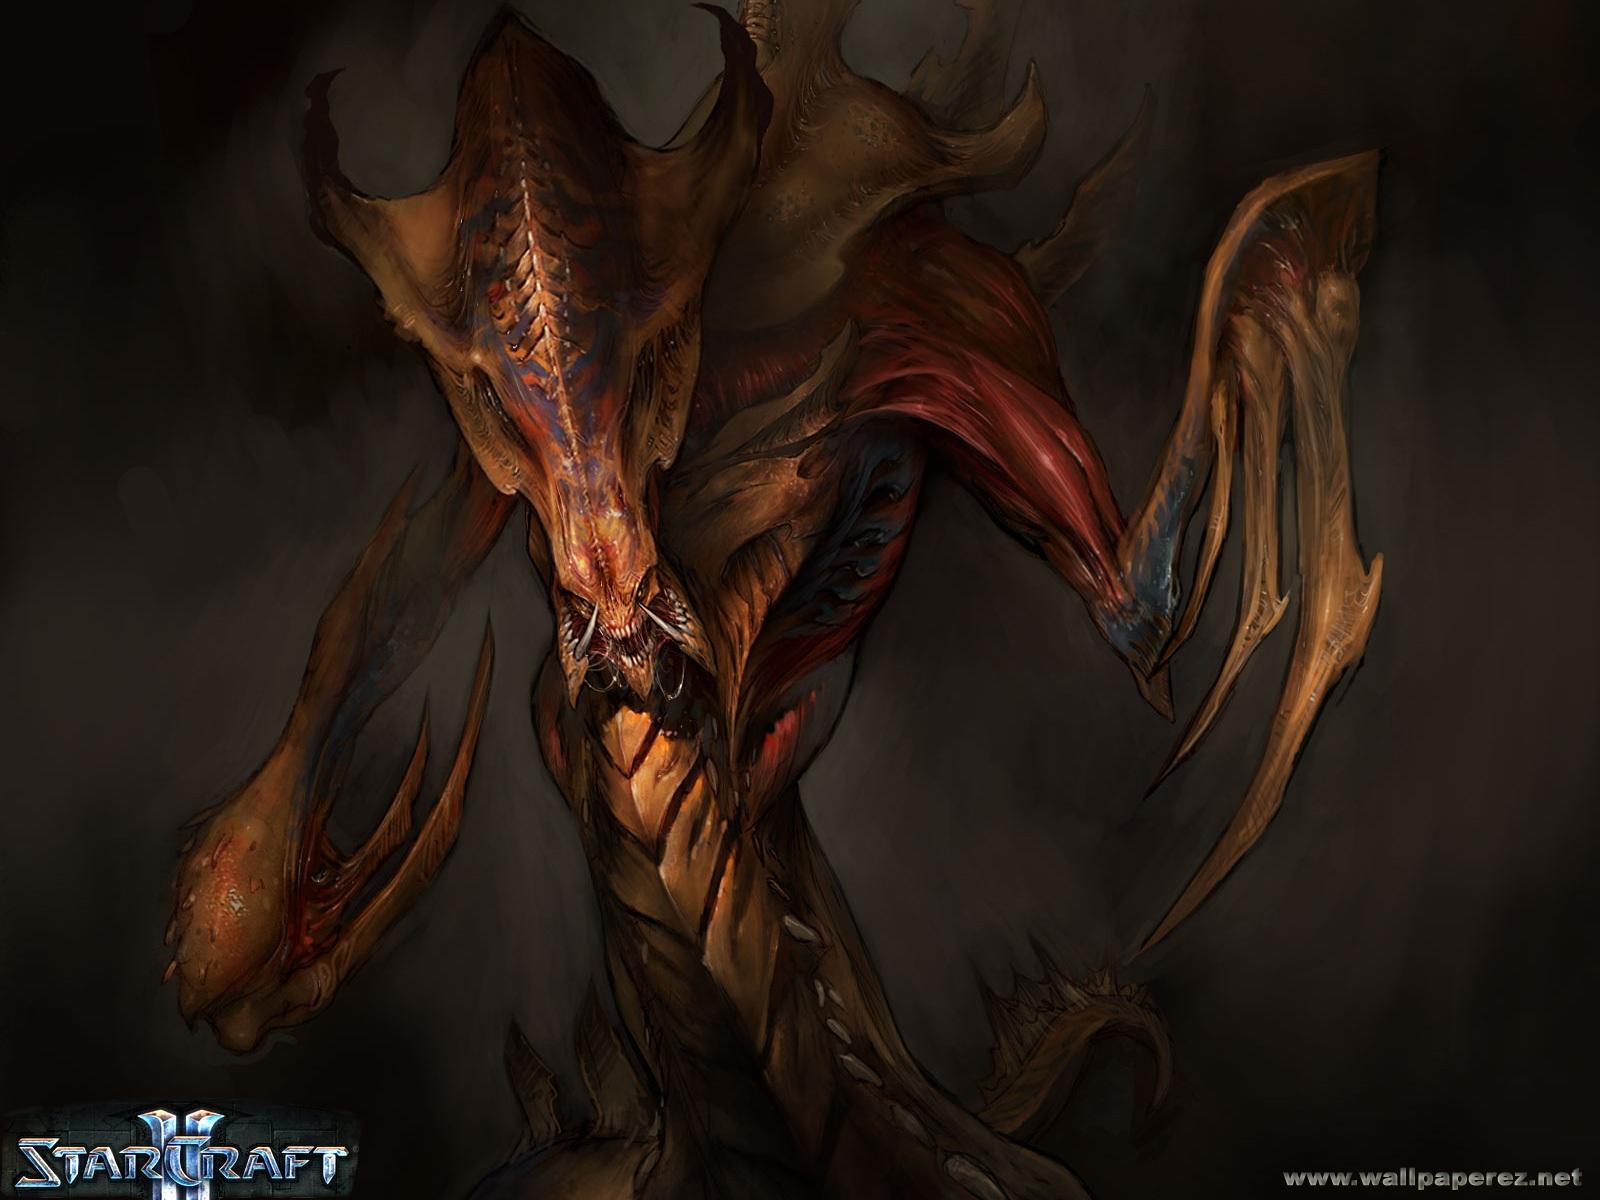 StarCraft 2 zerg lurker wallpaper 03 Hd Wallpapers Starcraft 2